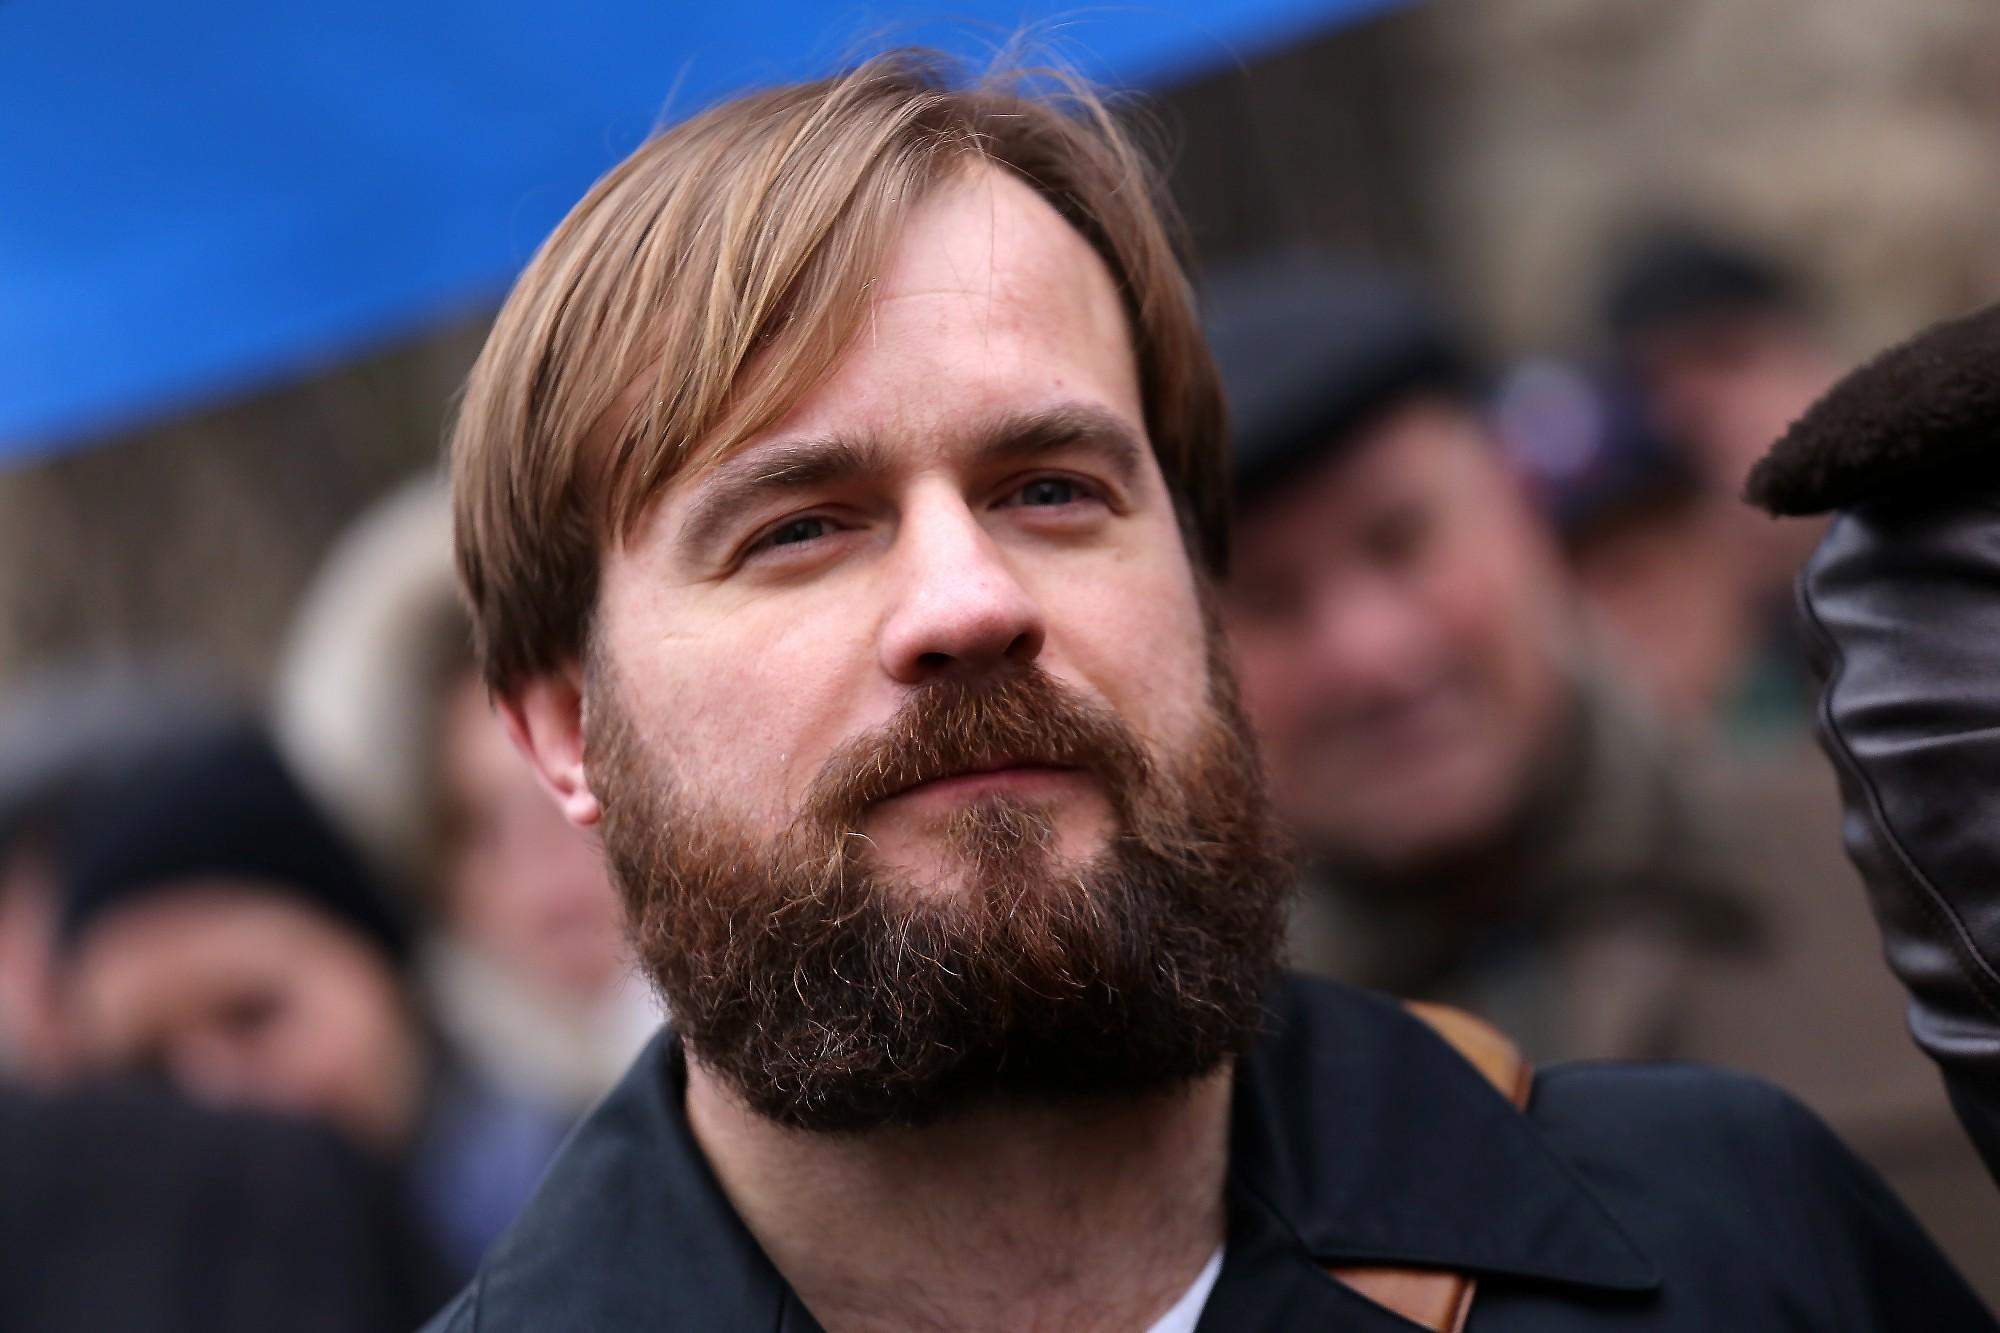 Суд признал Гирса невиновным в разжигании межнациональной розни